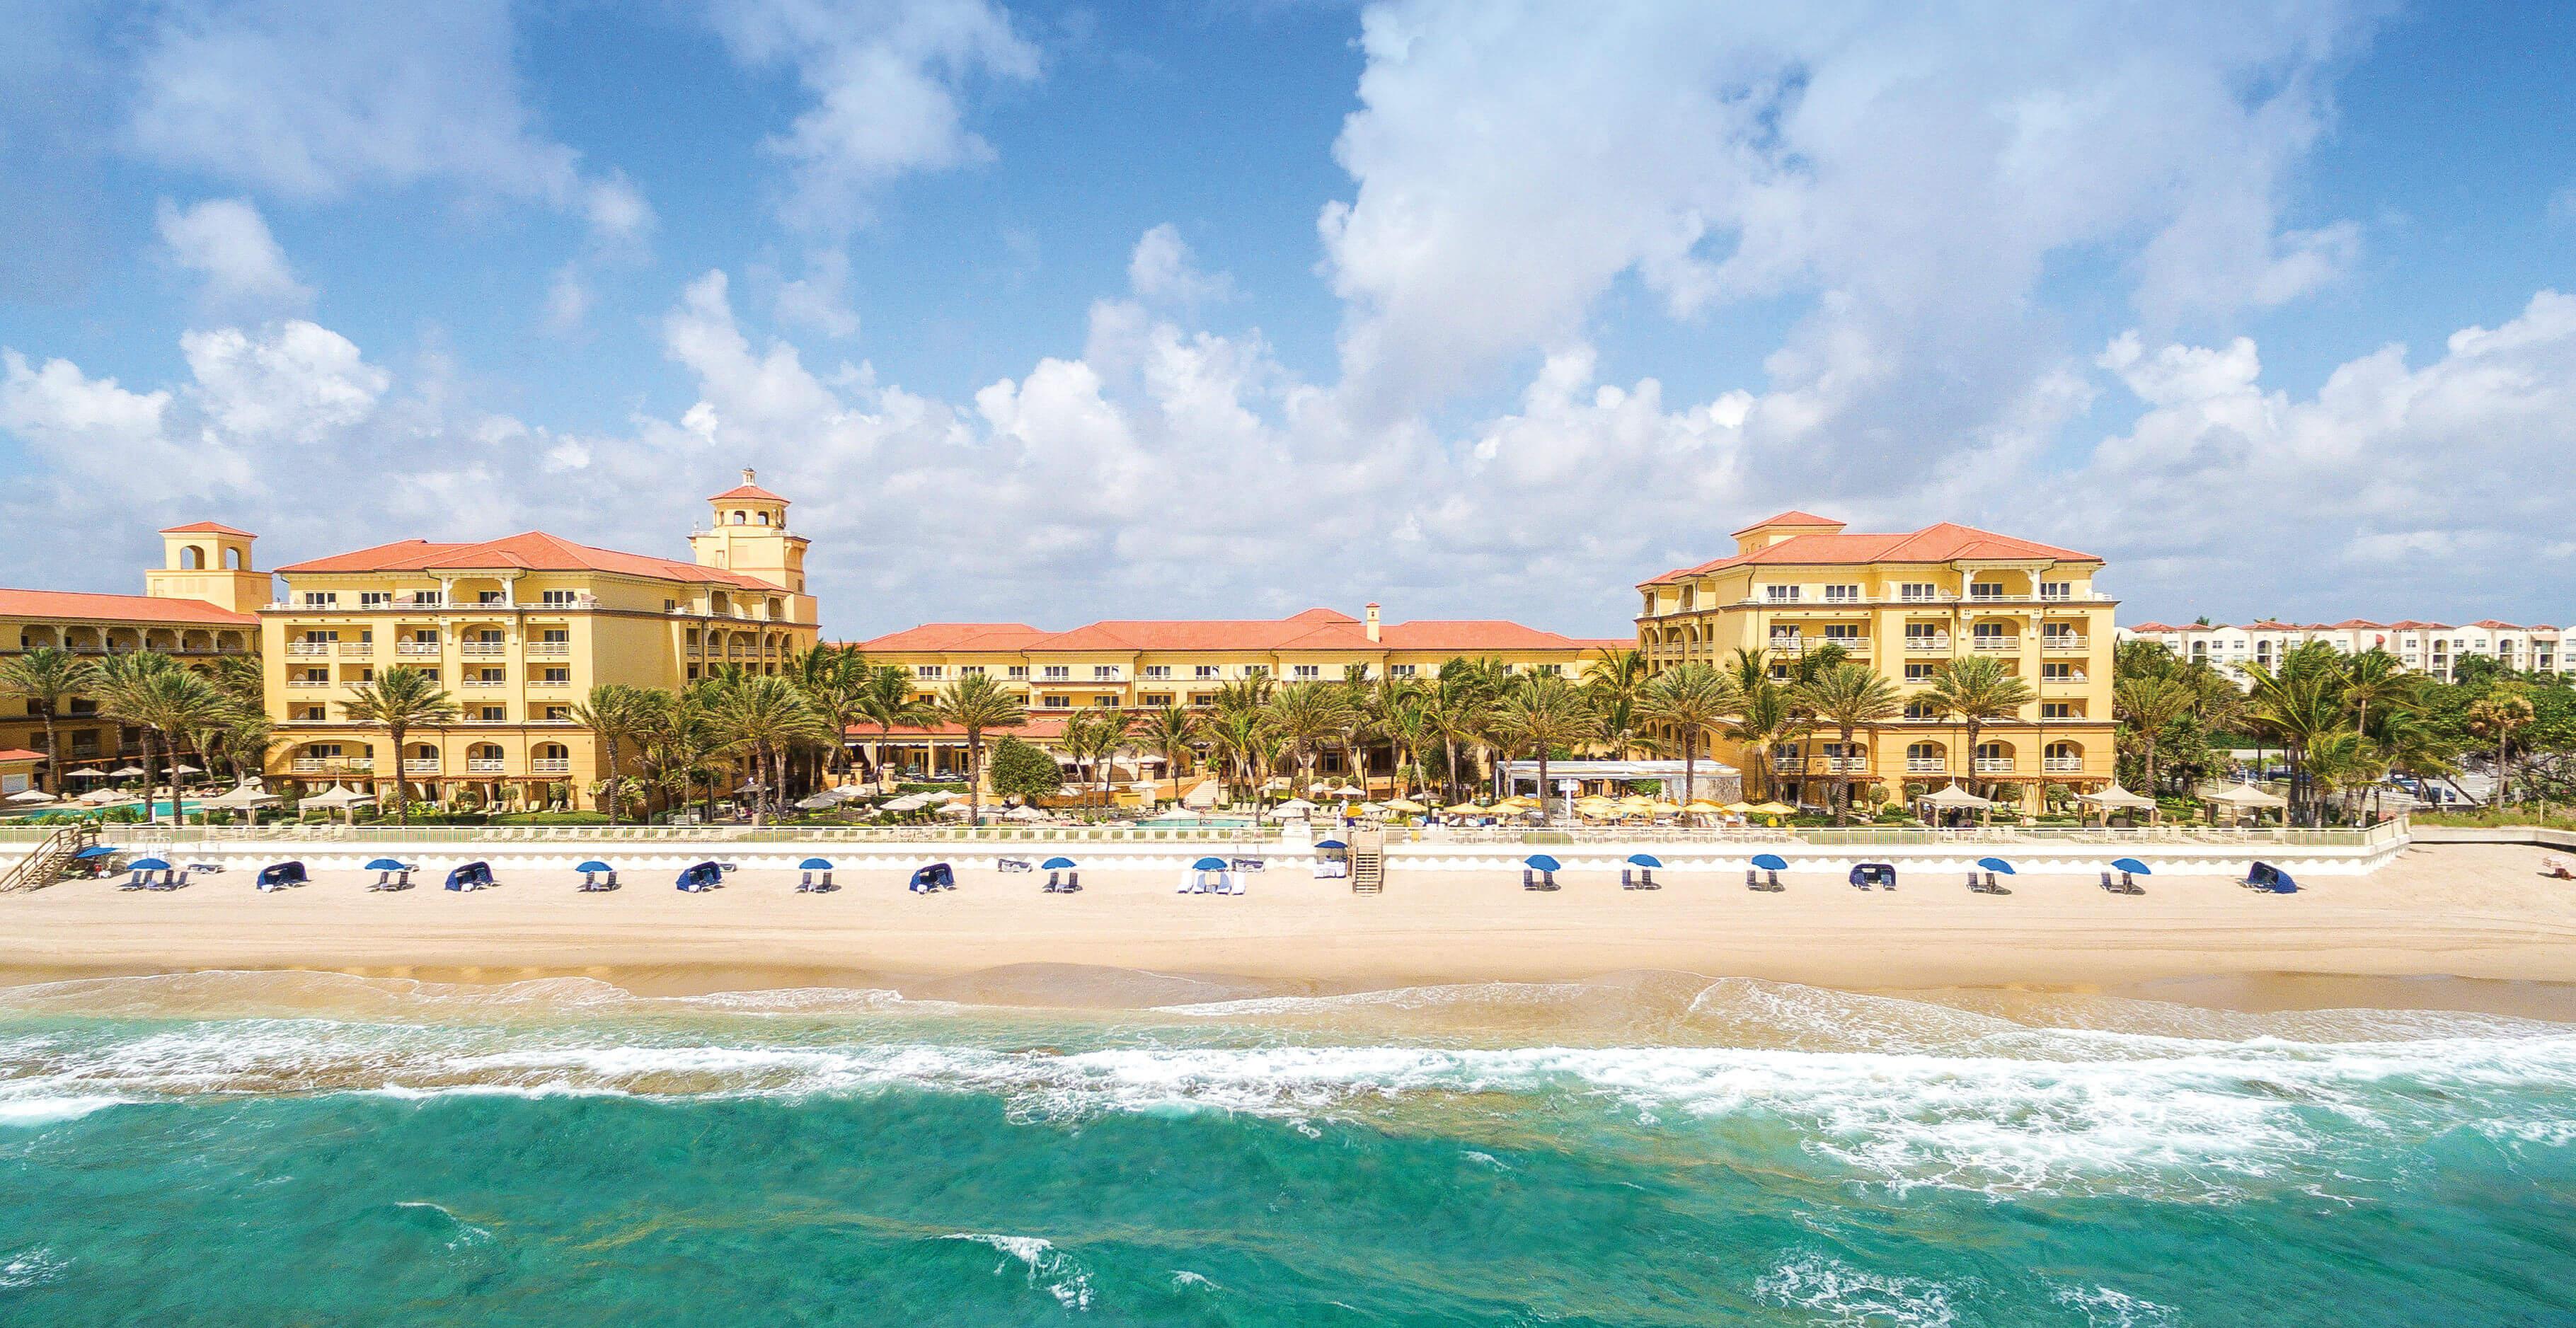 O que fazer em Palm Beach: praia